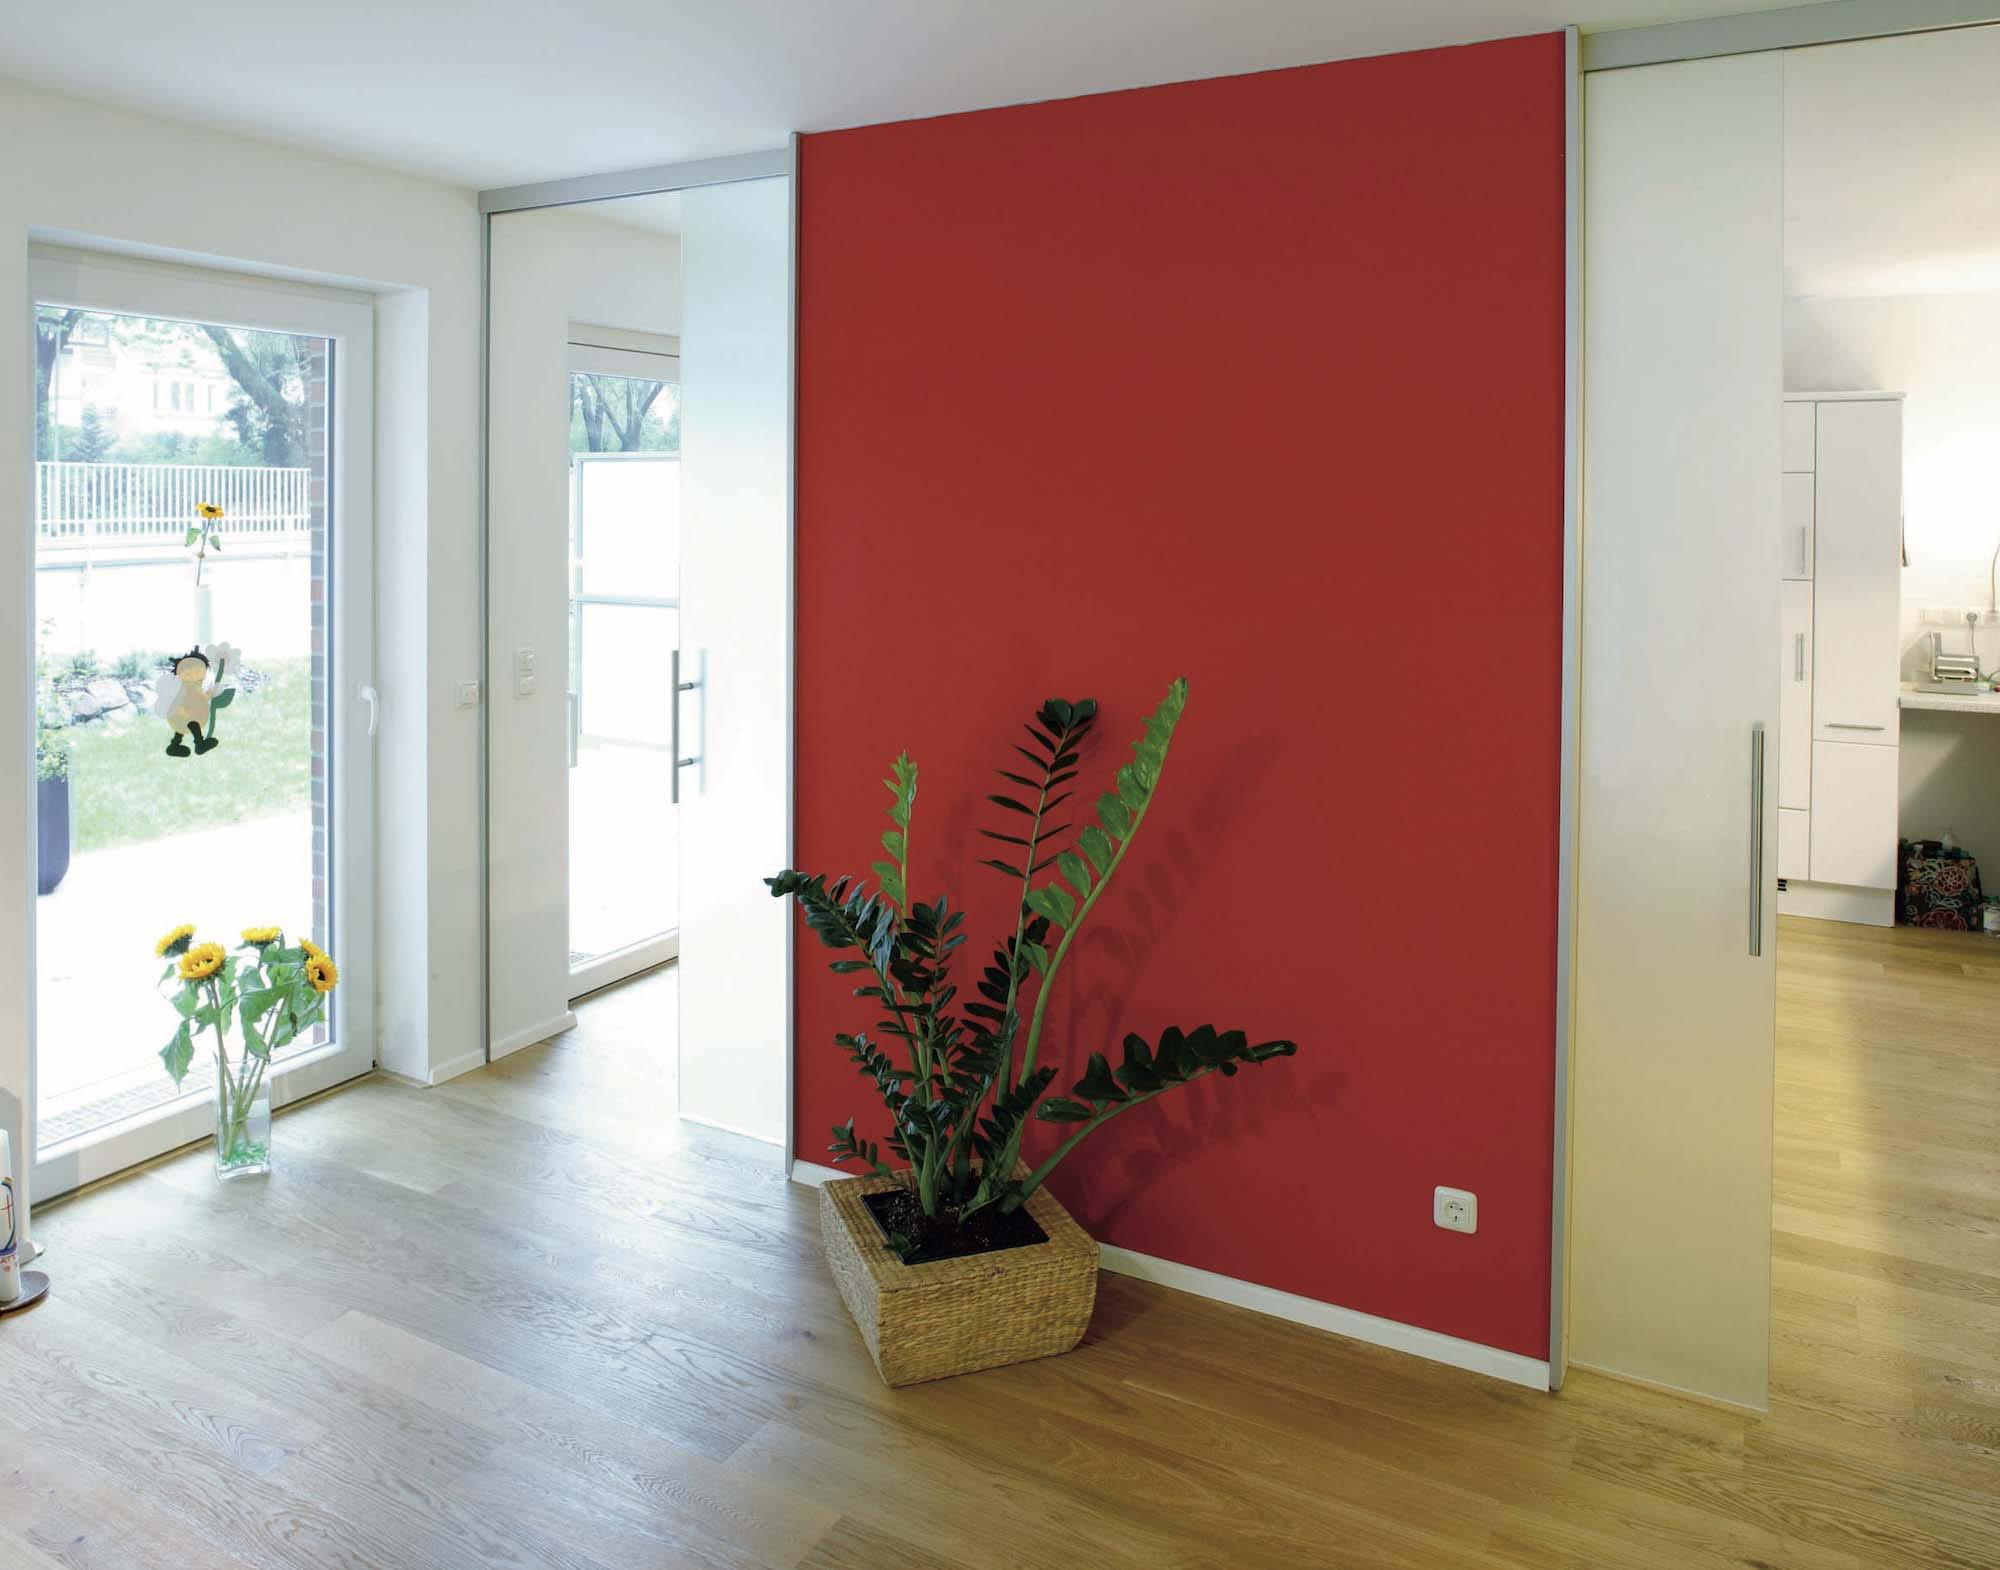 Un salon structur par un mur rouge Mur rouge salon